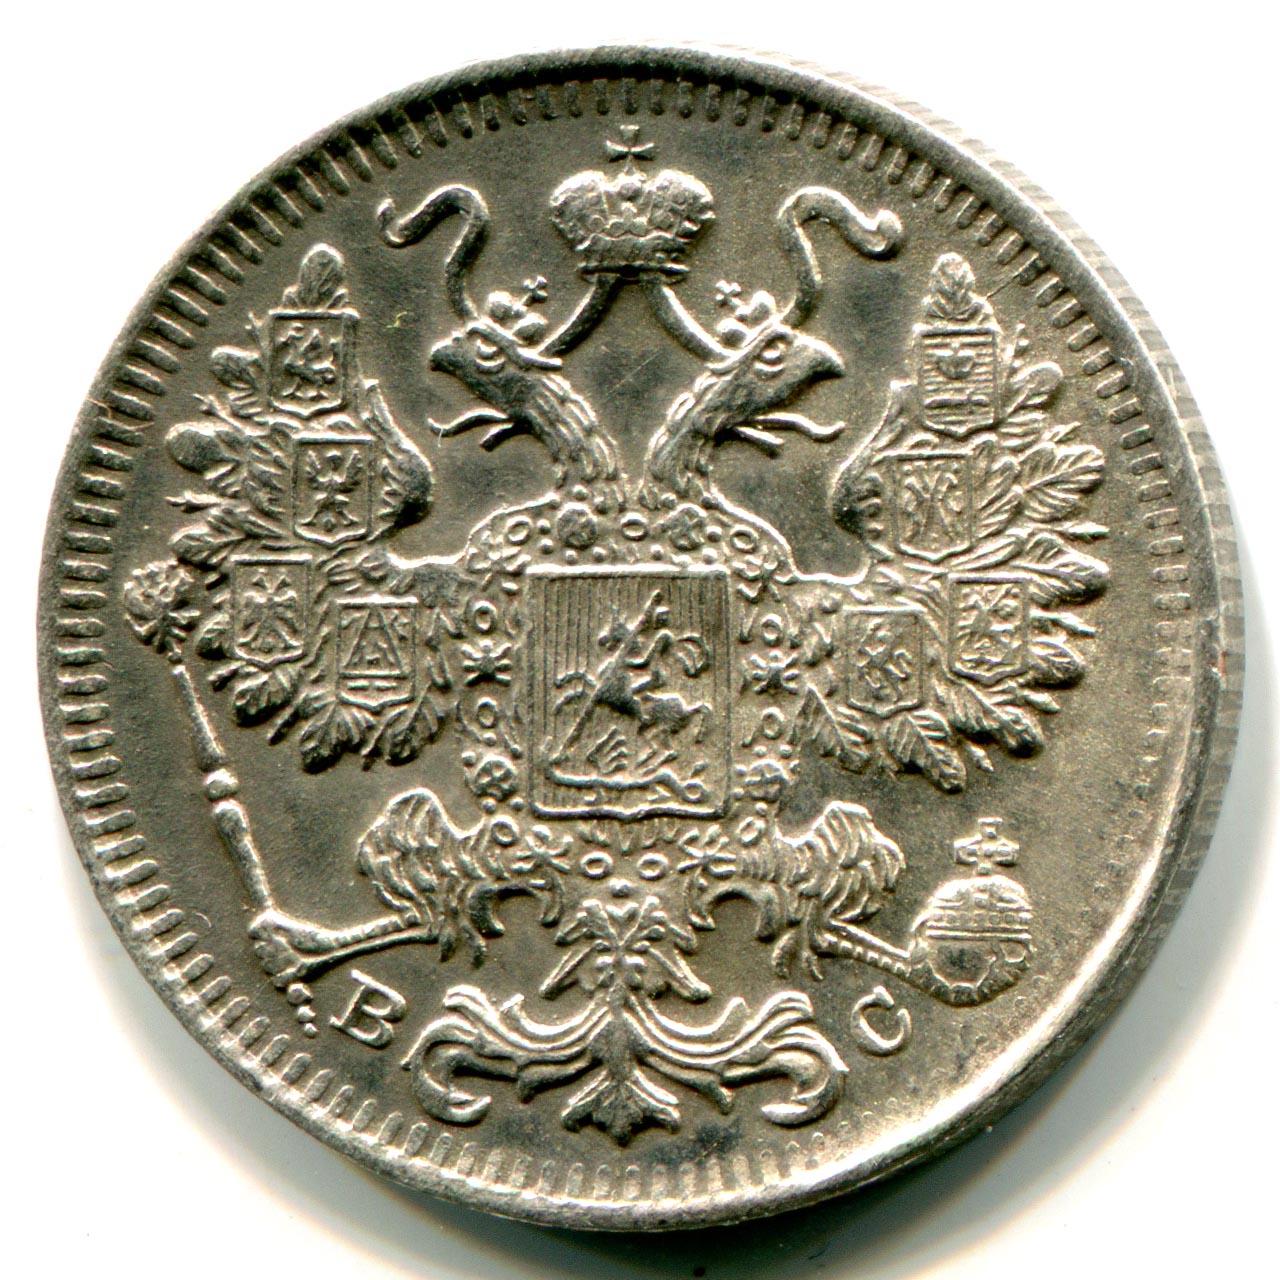 15 копеек 1916 года стоимость сколько стоит коллекция монет города воинской славы